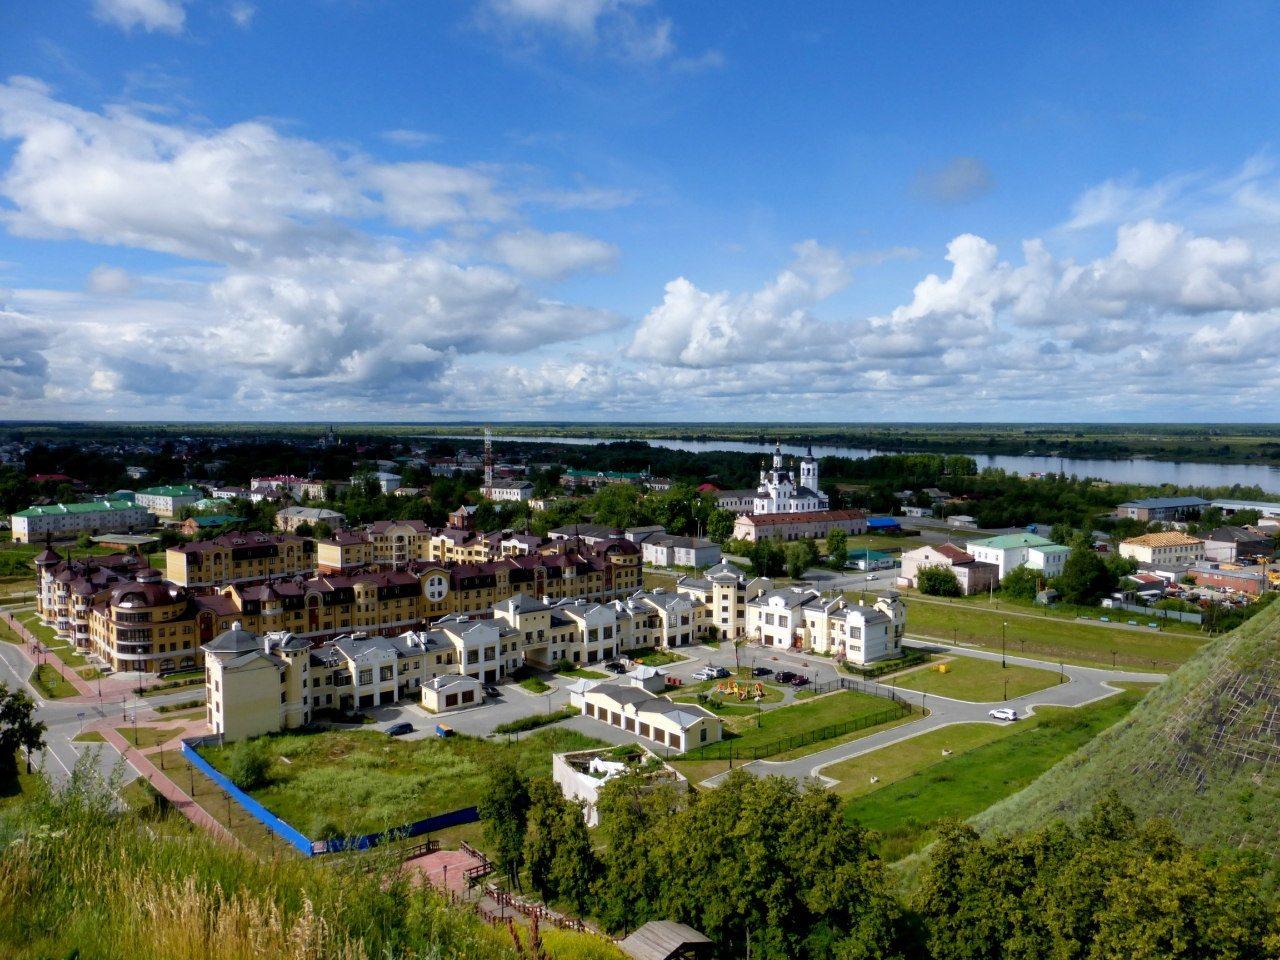 Нижний город, Тобольский кремль, Тобольск, Тюменская область